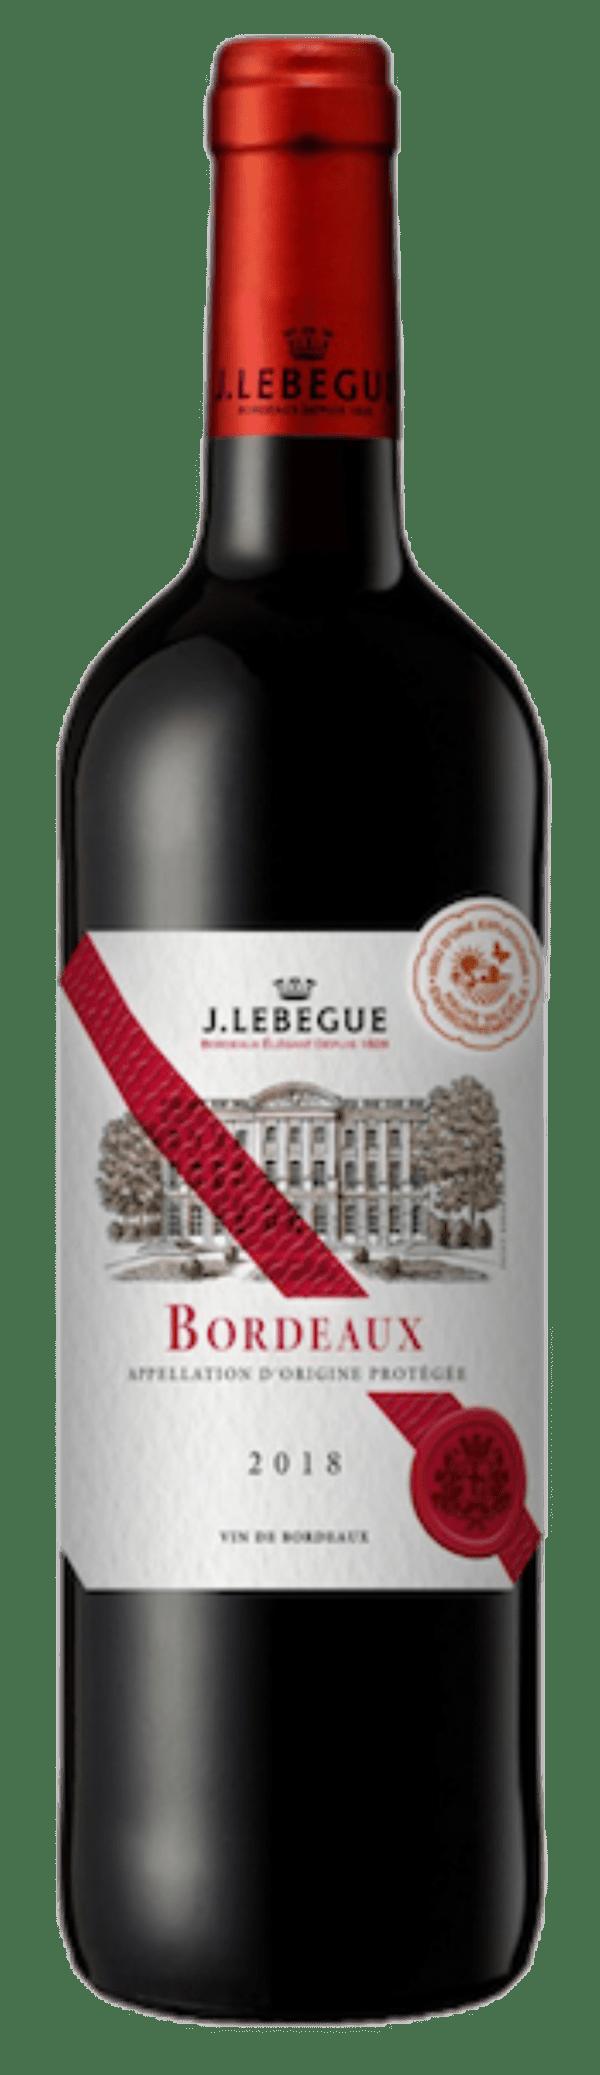 Lebegue Bordeaux